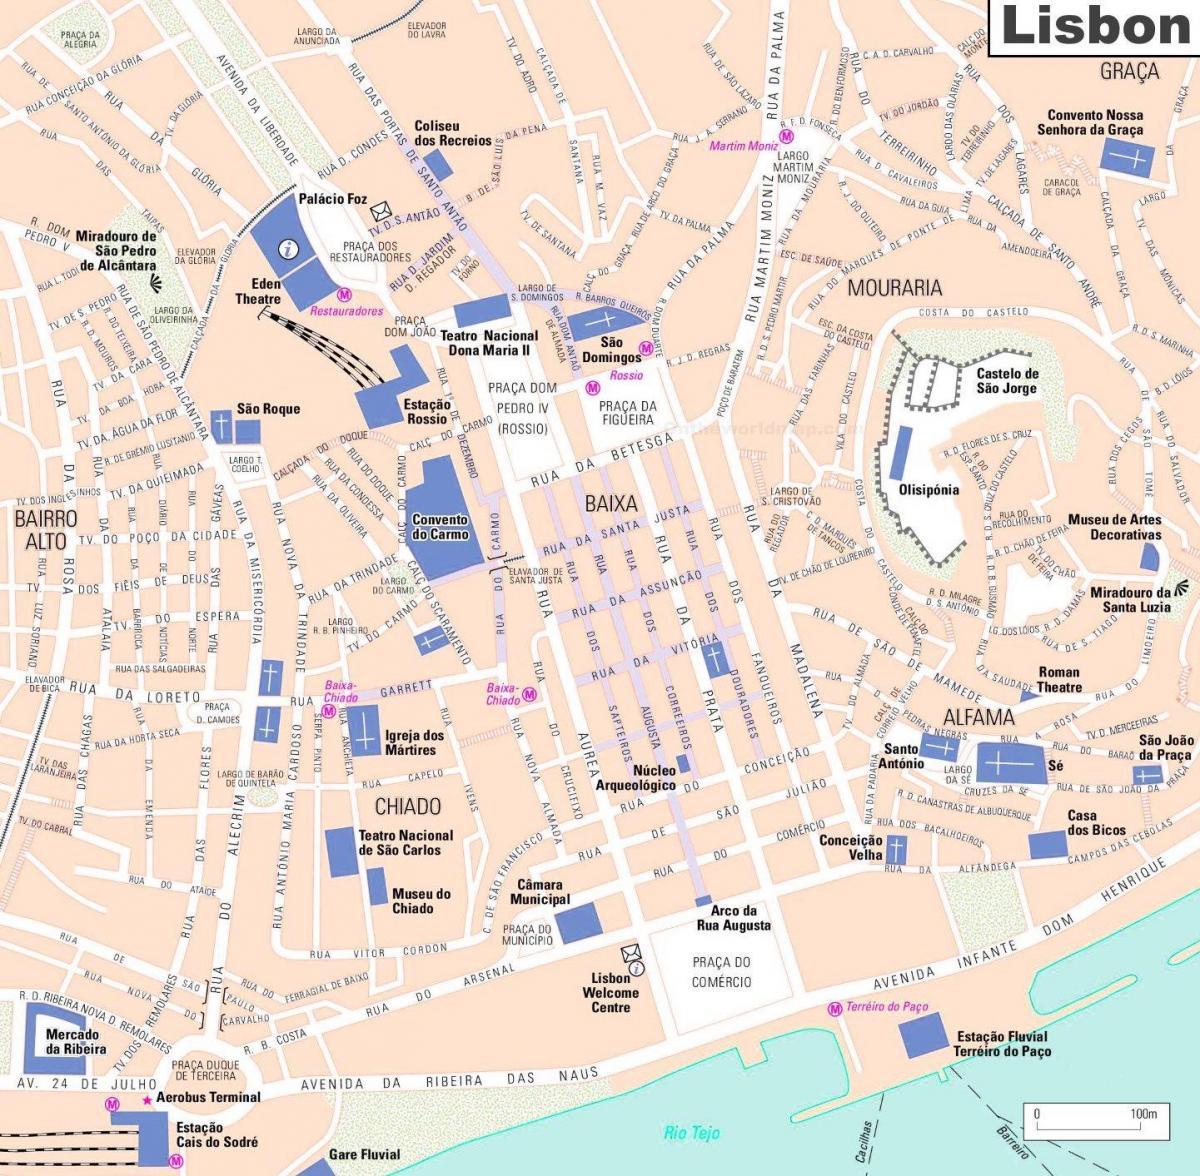 Quartier Baixa Lisbonne Carte.Le Quartier De La Baixa De Lisbonne La Carte Carte De La